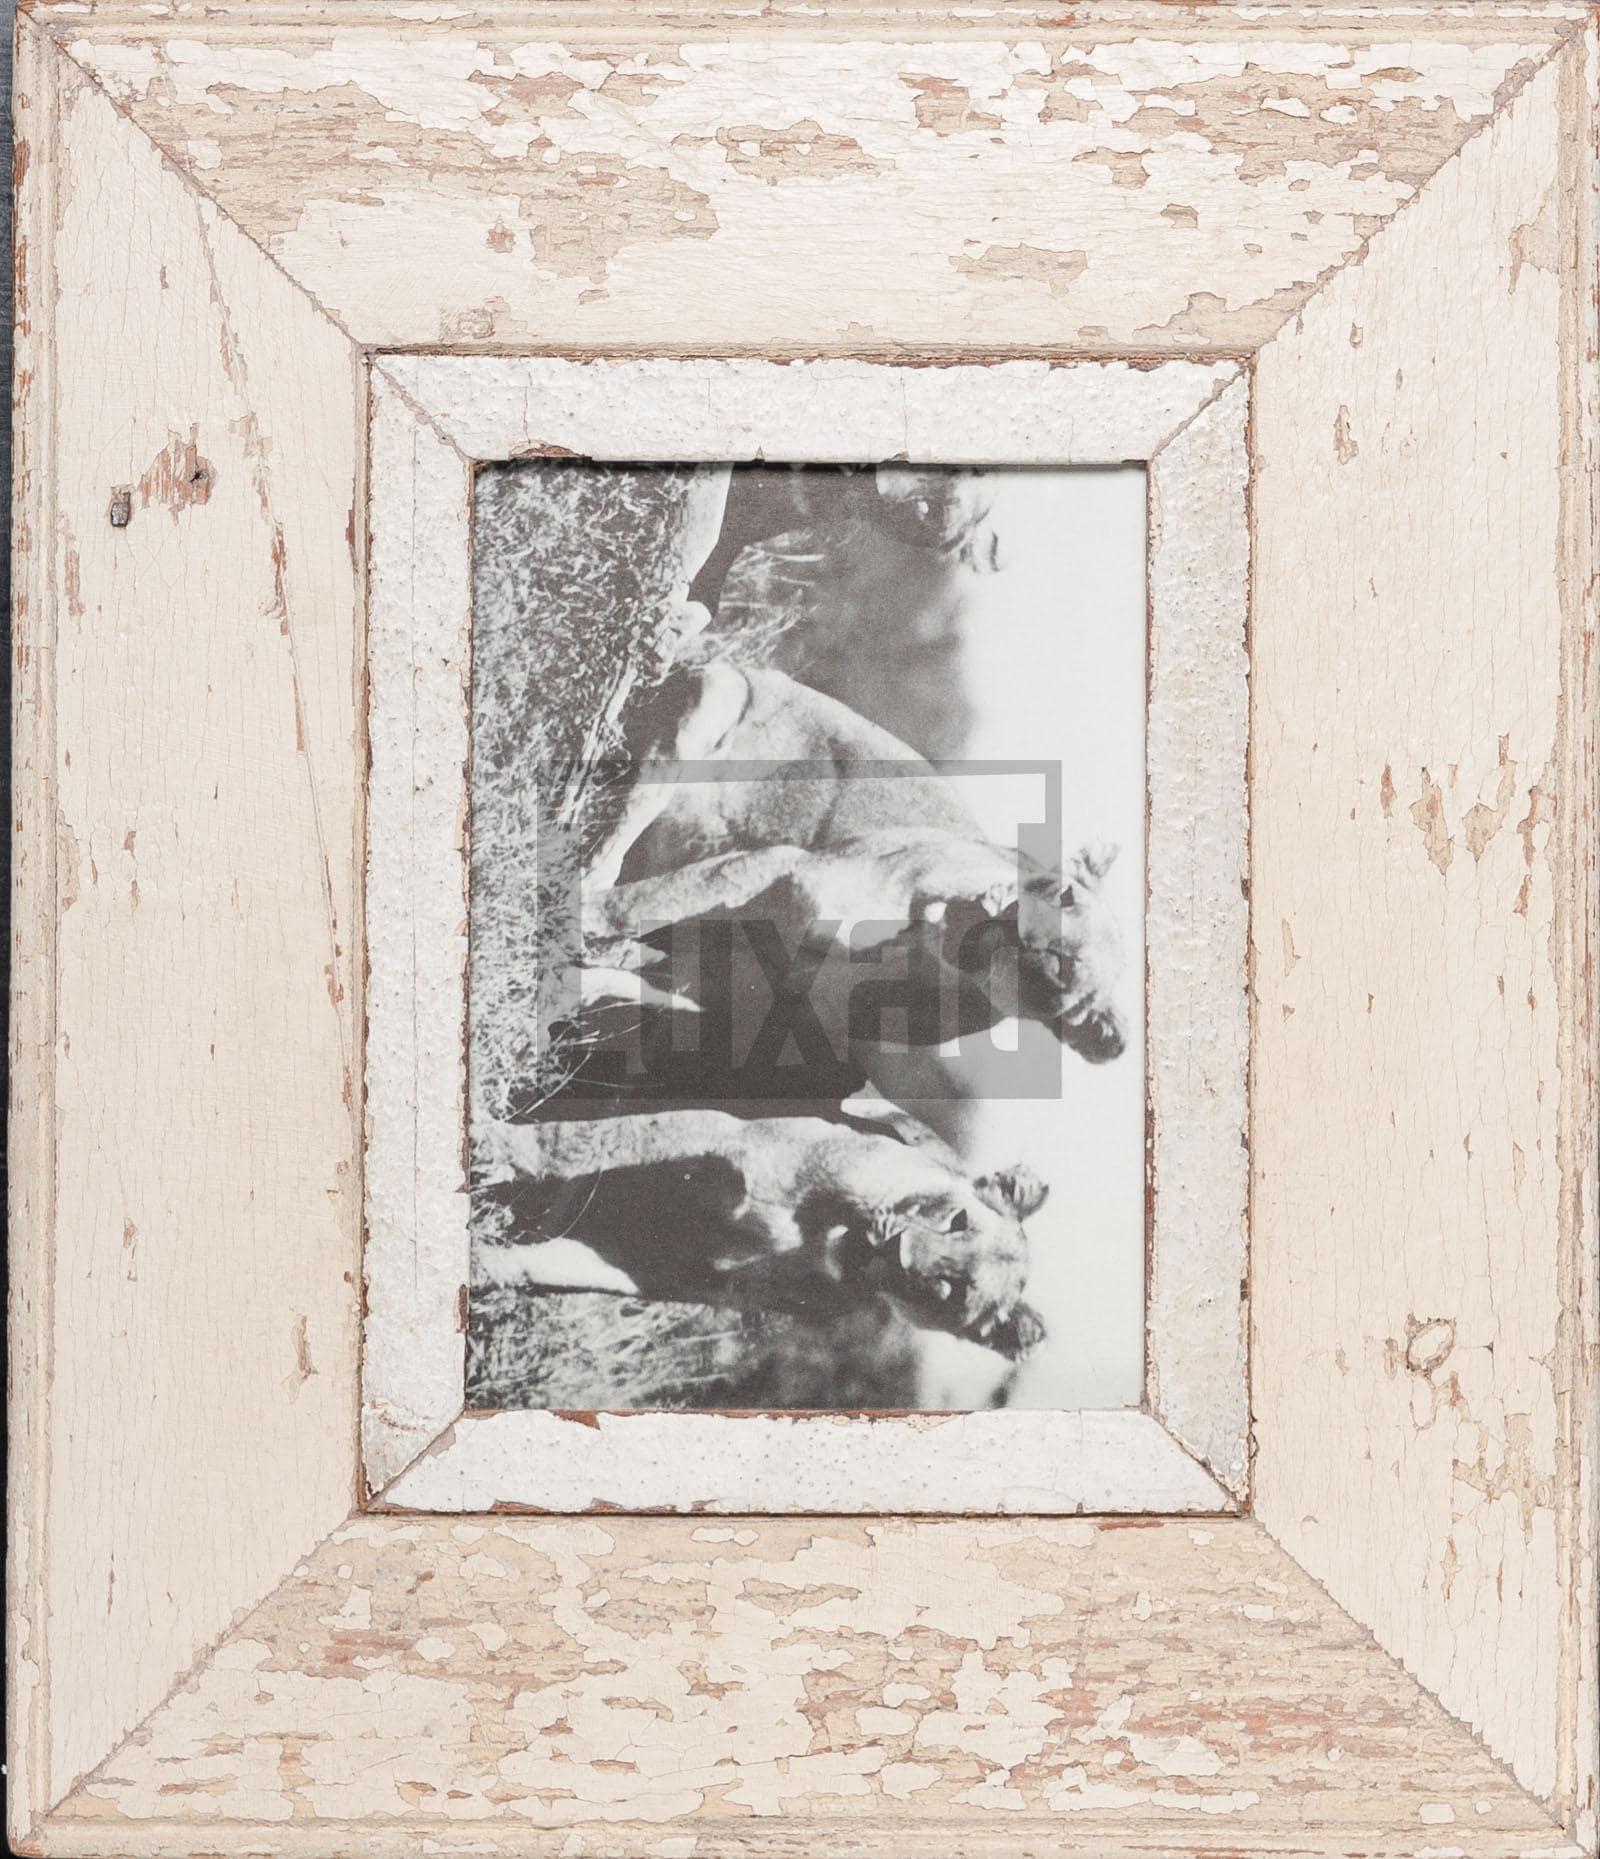 Wechselrahmen aus alten, breiten Holzleisten für dein Lieblingsfoto